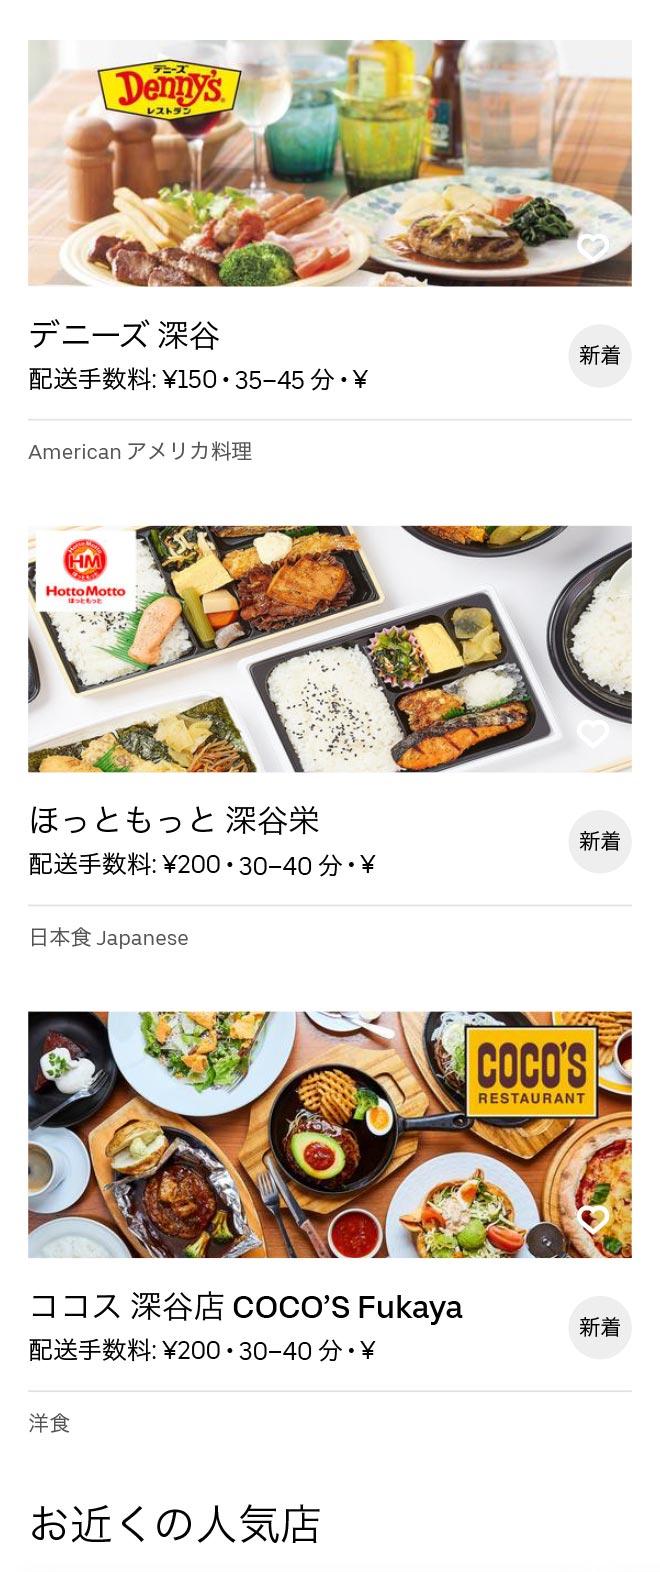 Fukaya menu 2010 1